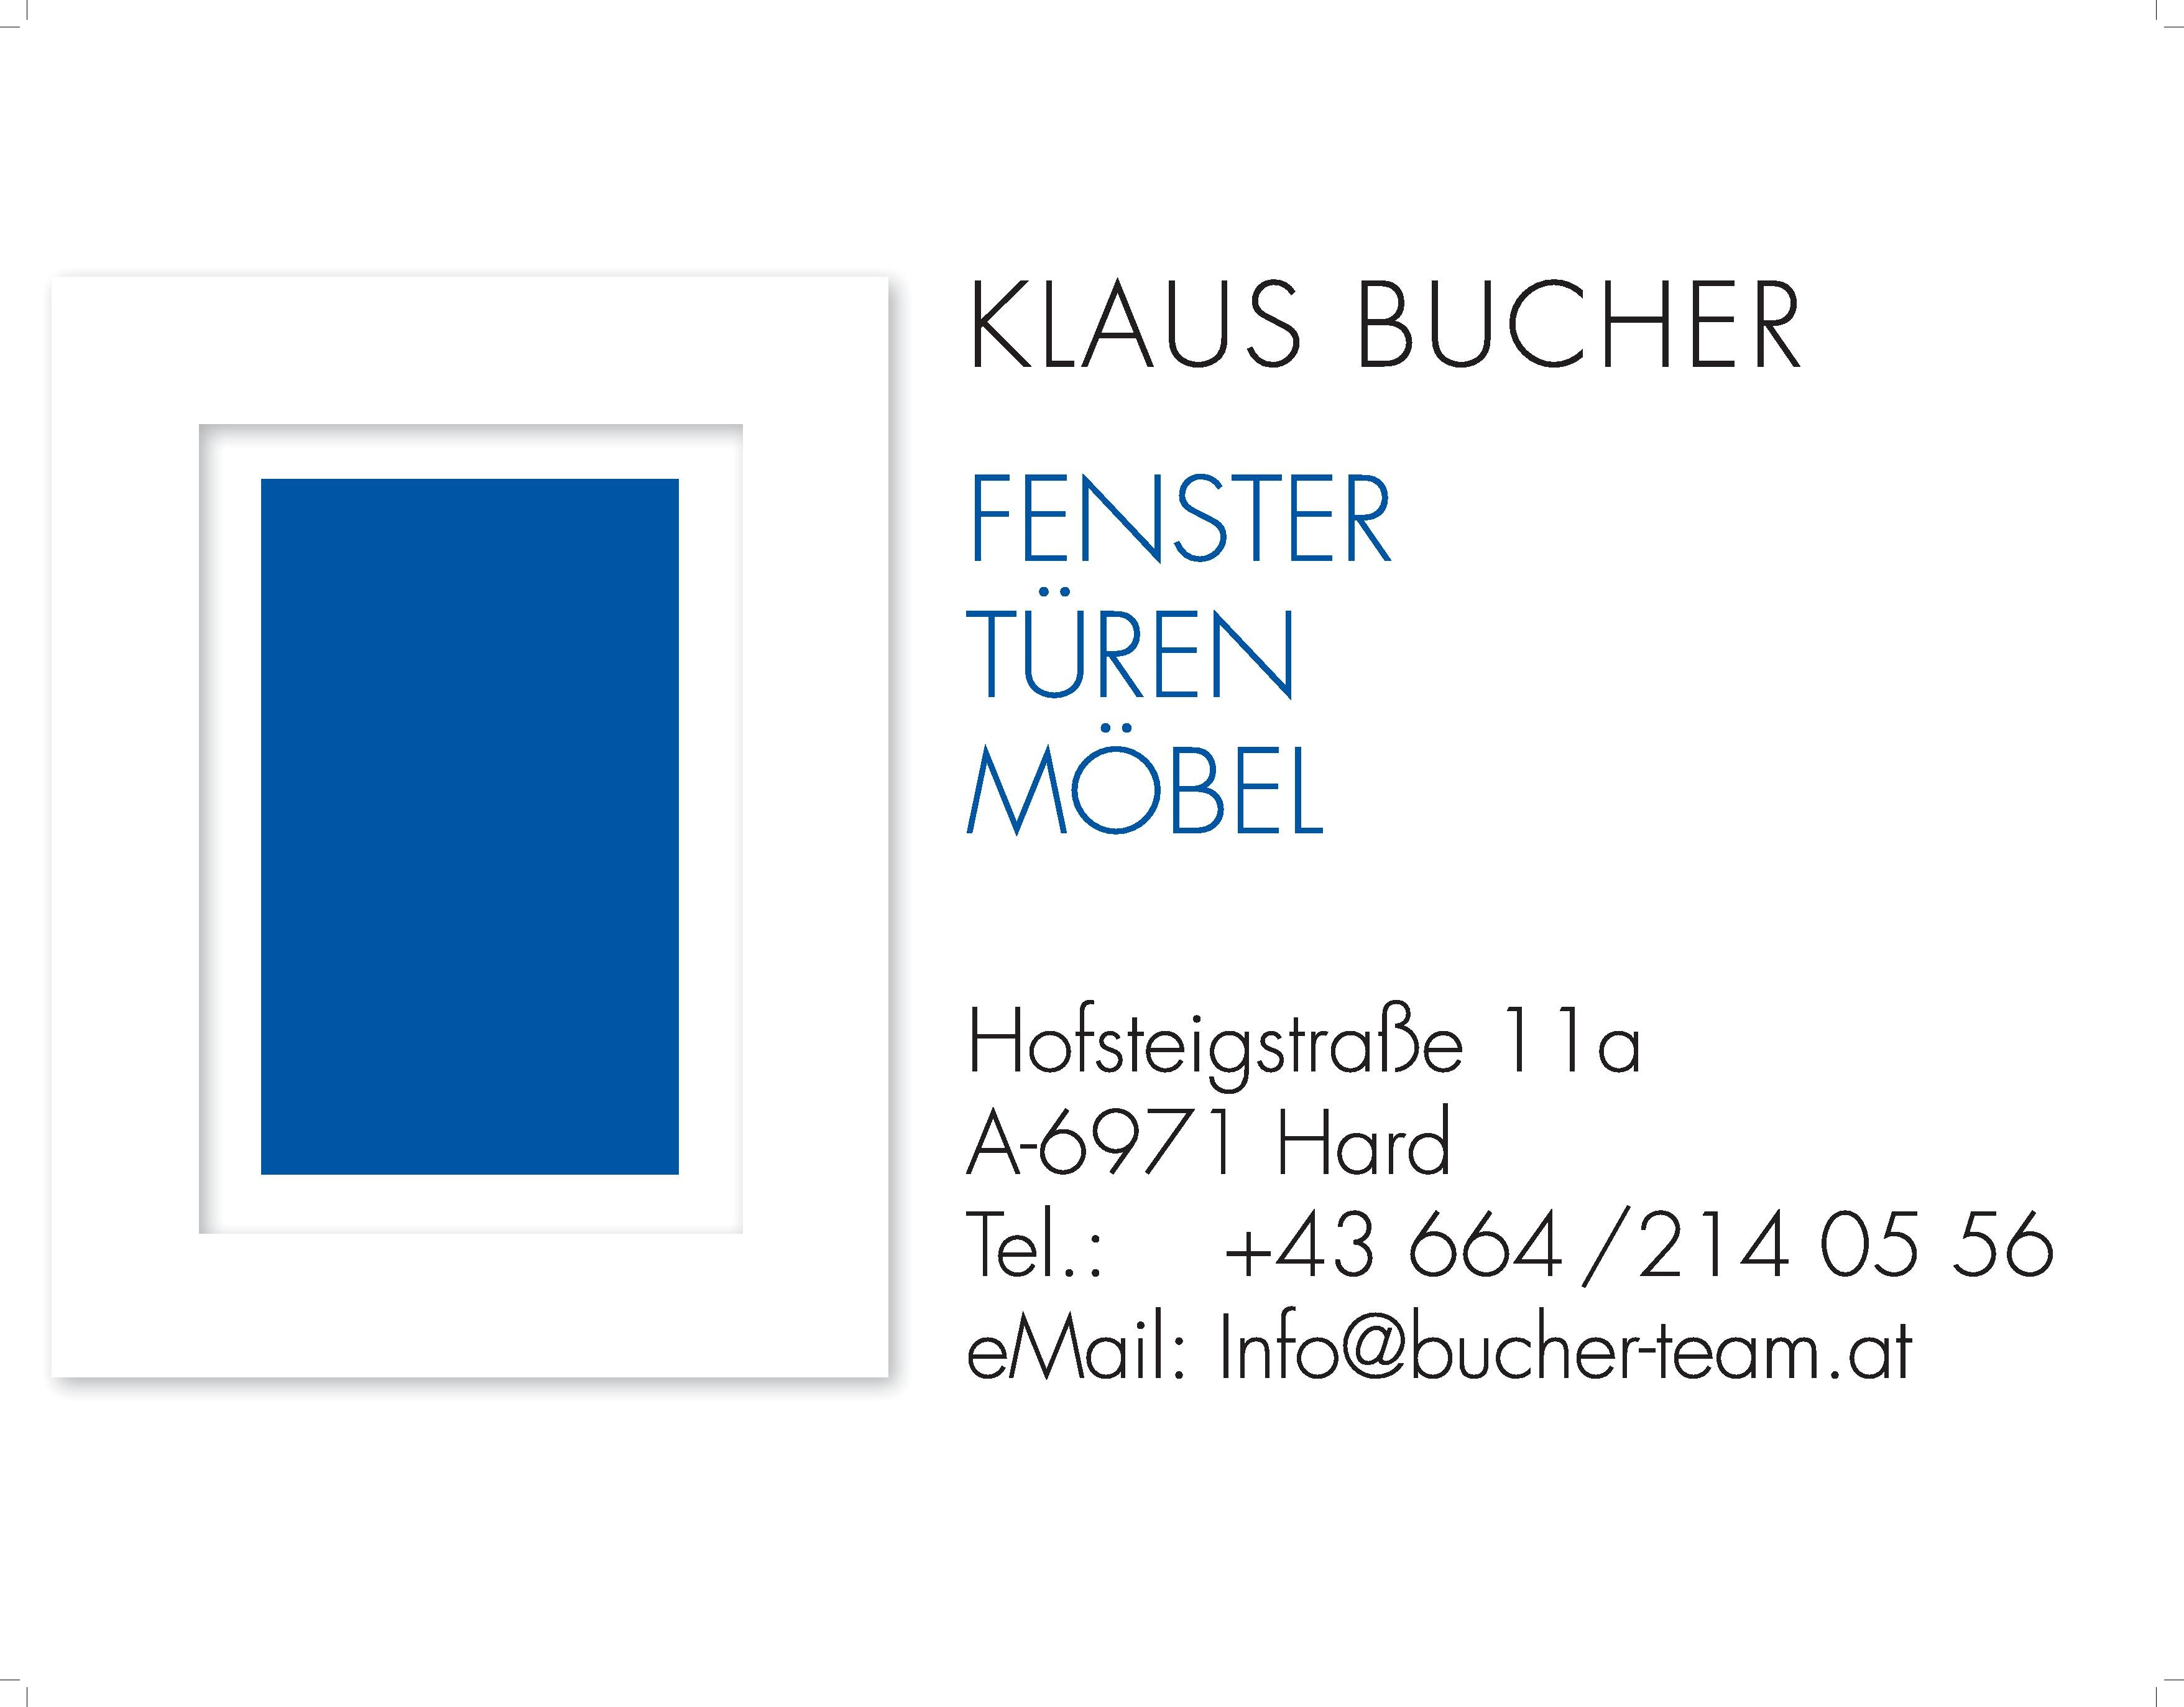 Versicherungsmakler, Vorsorgespezialist und Kreditmakler B-Quadrat aus Dornbirn (Vorarlberg) | Referenz: Tischler Klaus Bucher